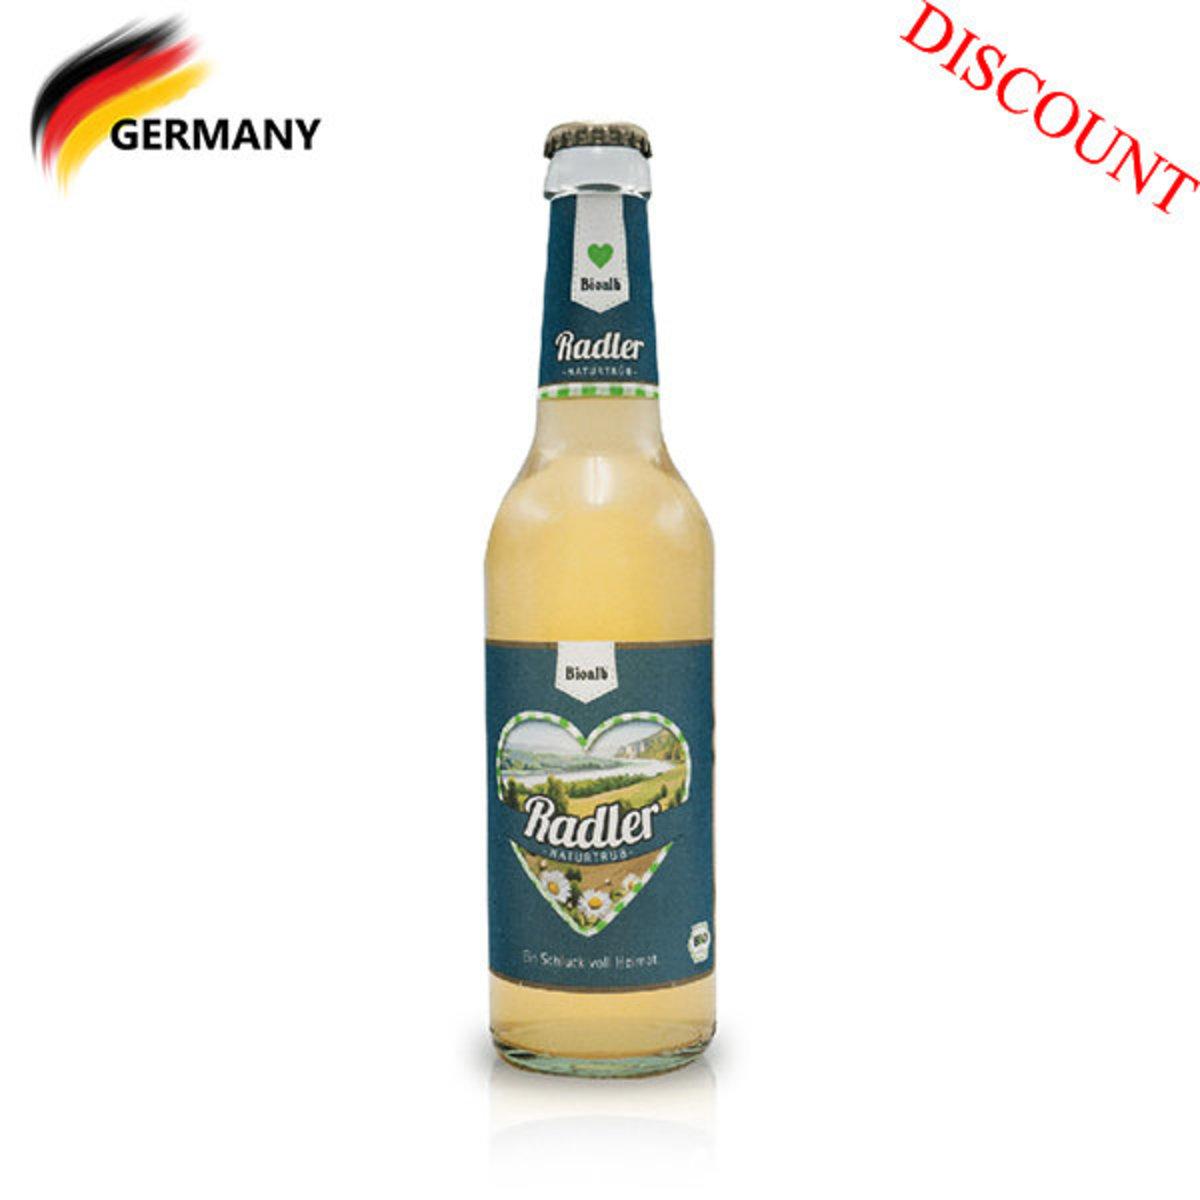 有機檸檬啤酒 330ml (best before date: 27/06/2020)